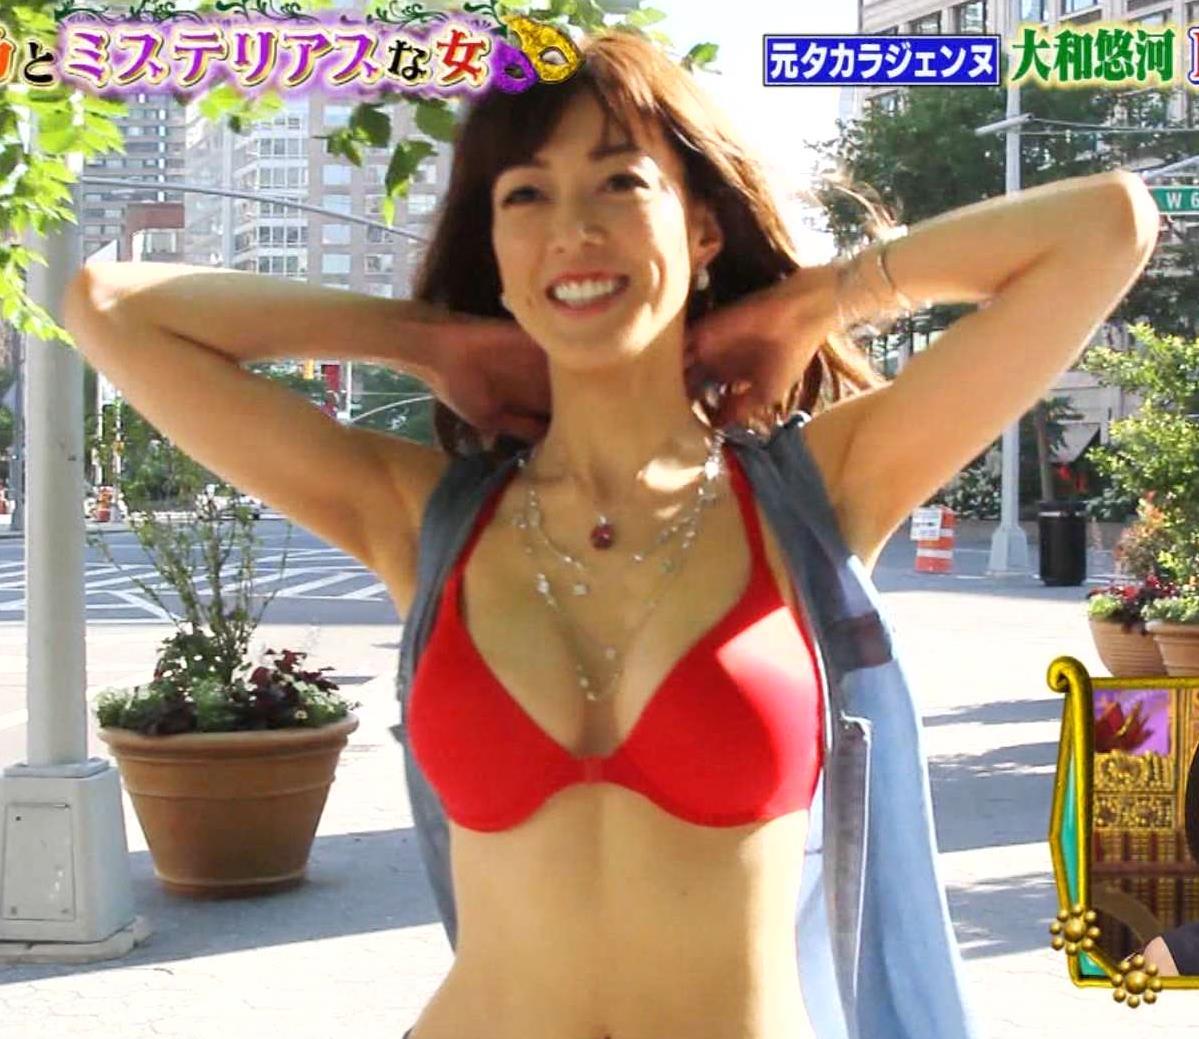 大和悠河  元宝塚の巨乳水着(ビキニ)エロ画像キャプ画像(エロ・アイコラ画像)